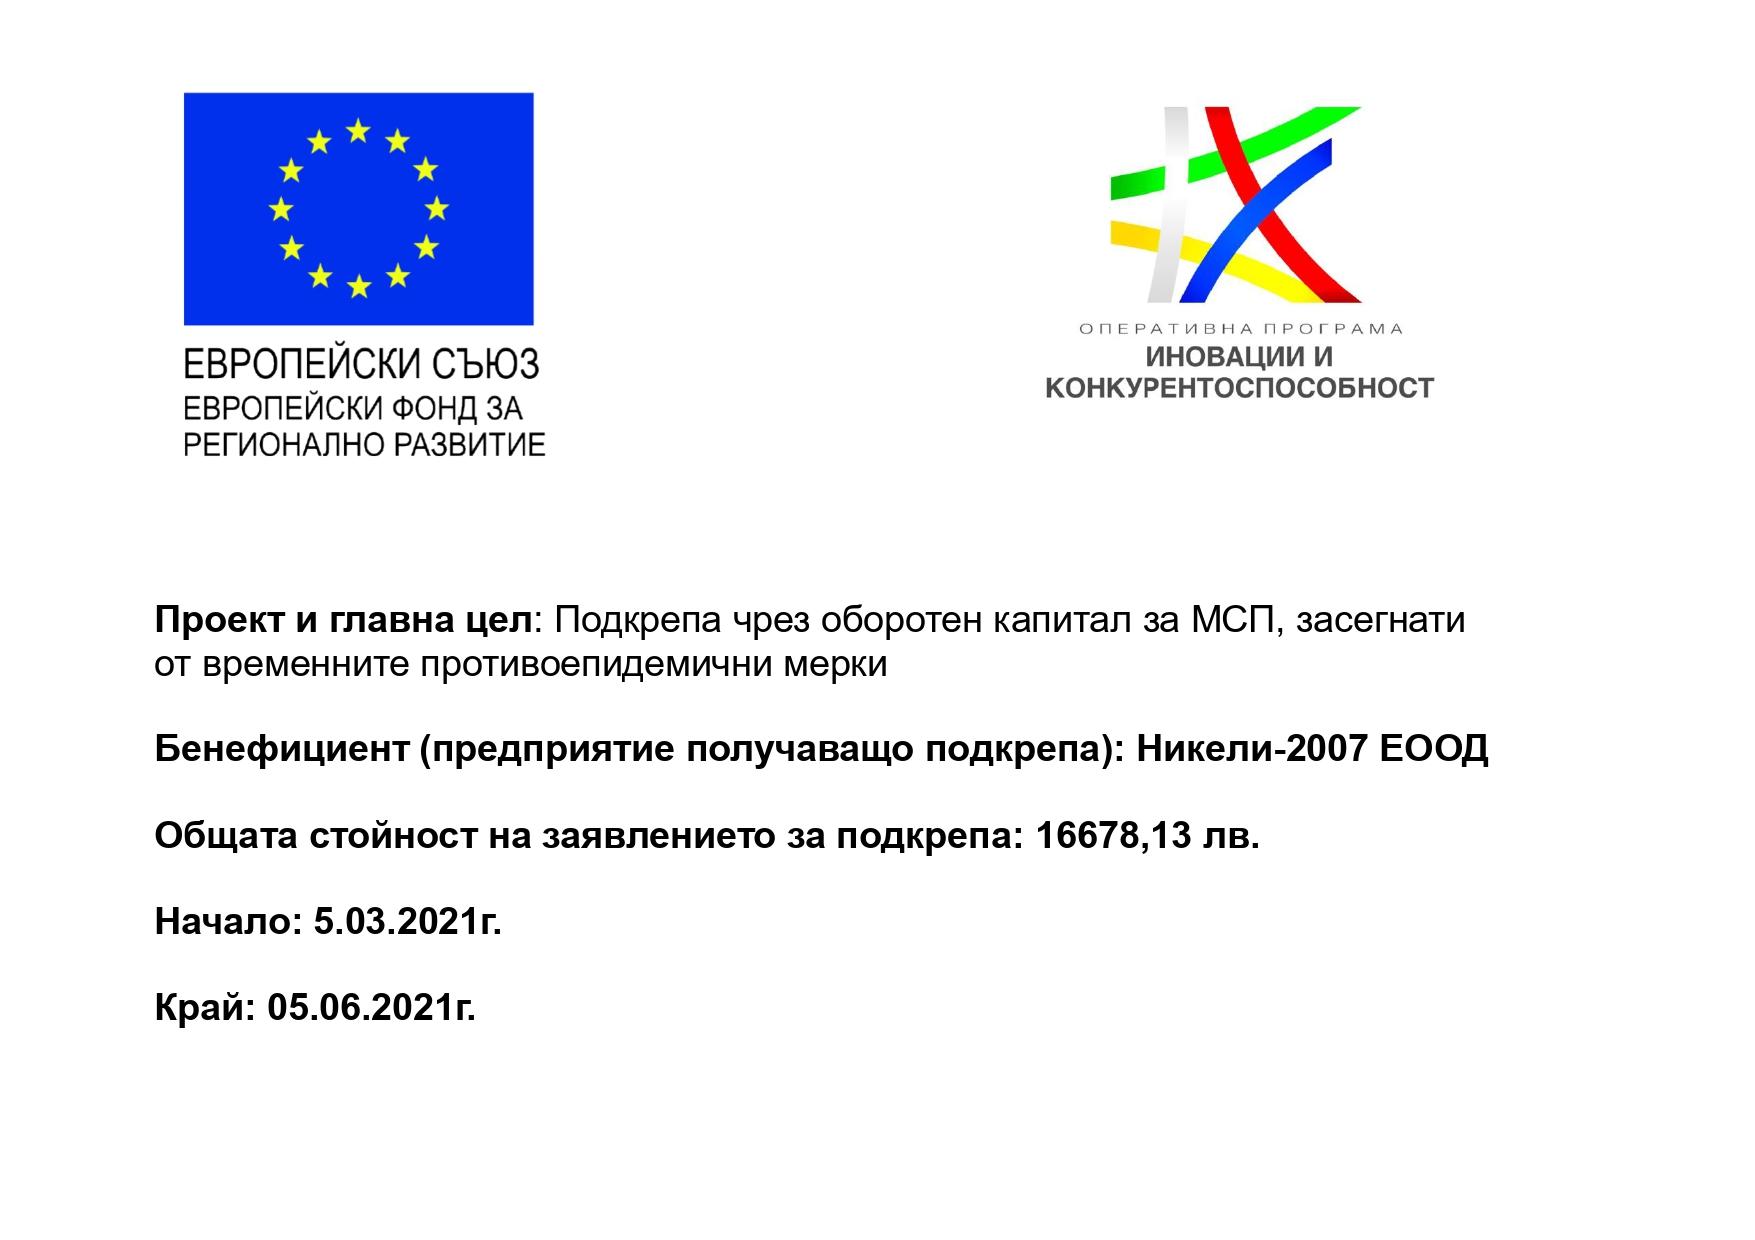 """""""Подкрепа чрез оборотен капитал за МСП, засегнати от временните противоепидемични мерки"""" по Оперативна програма """"Иновации и конкурентоспособност"""" 2014-2020"""